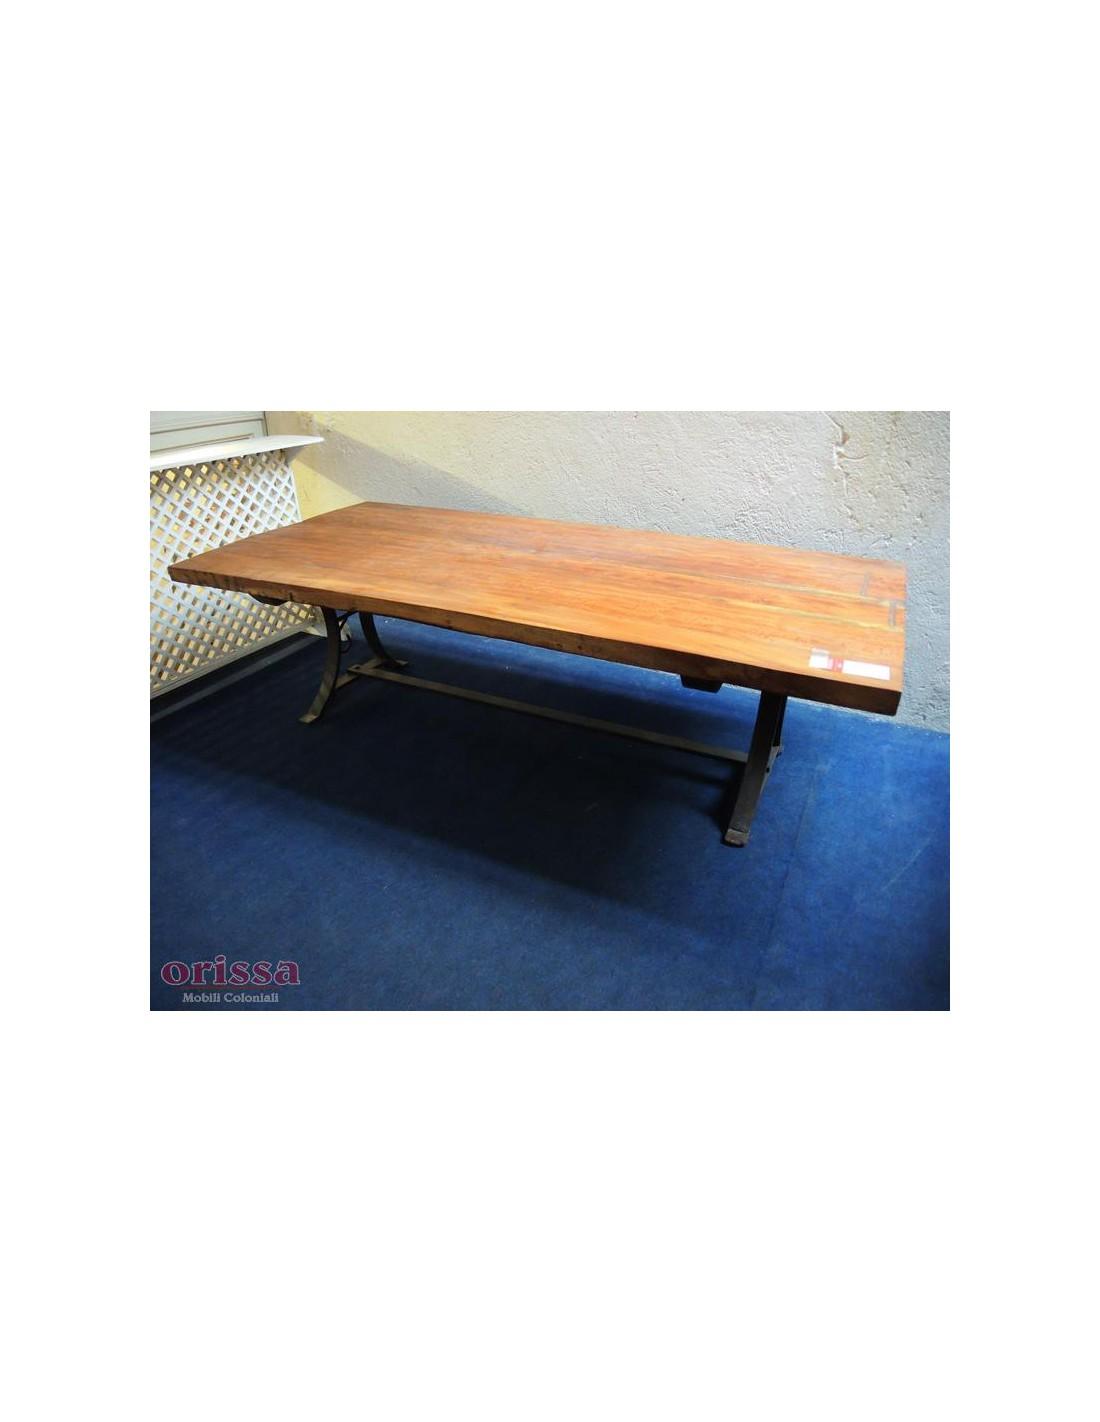 Tavolo salotto in legno e ferro cx032 orissa milano - Tavolo legno e ferro ...